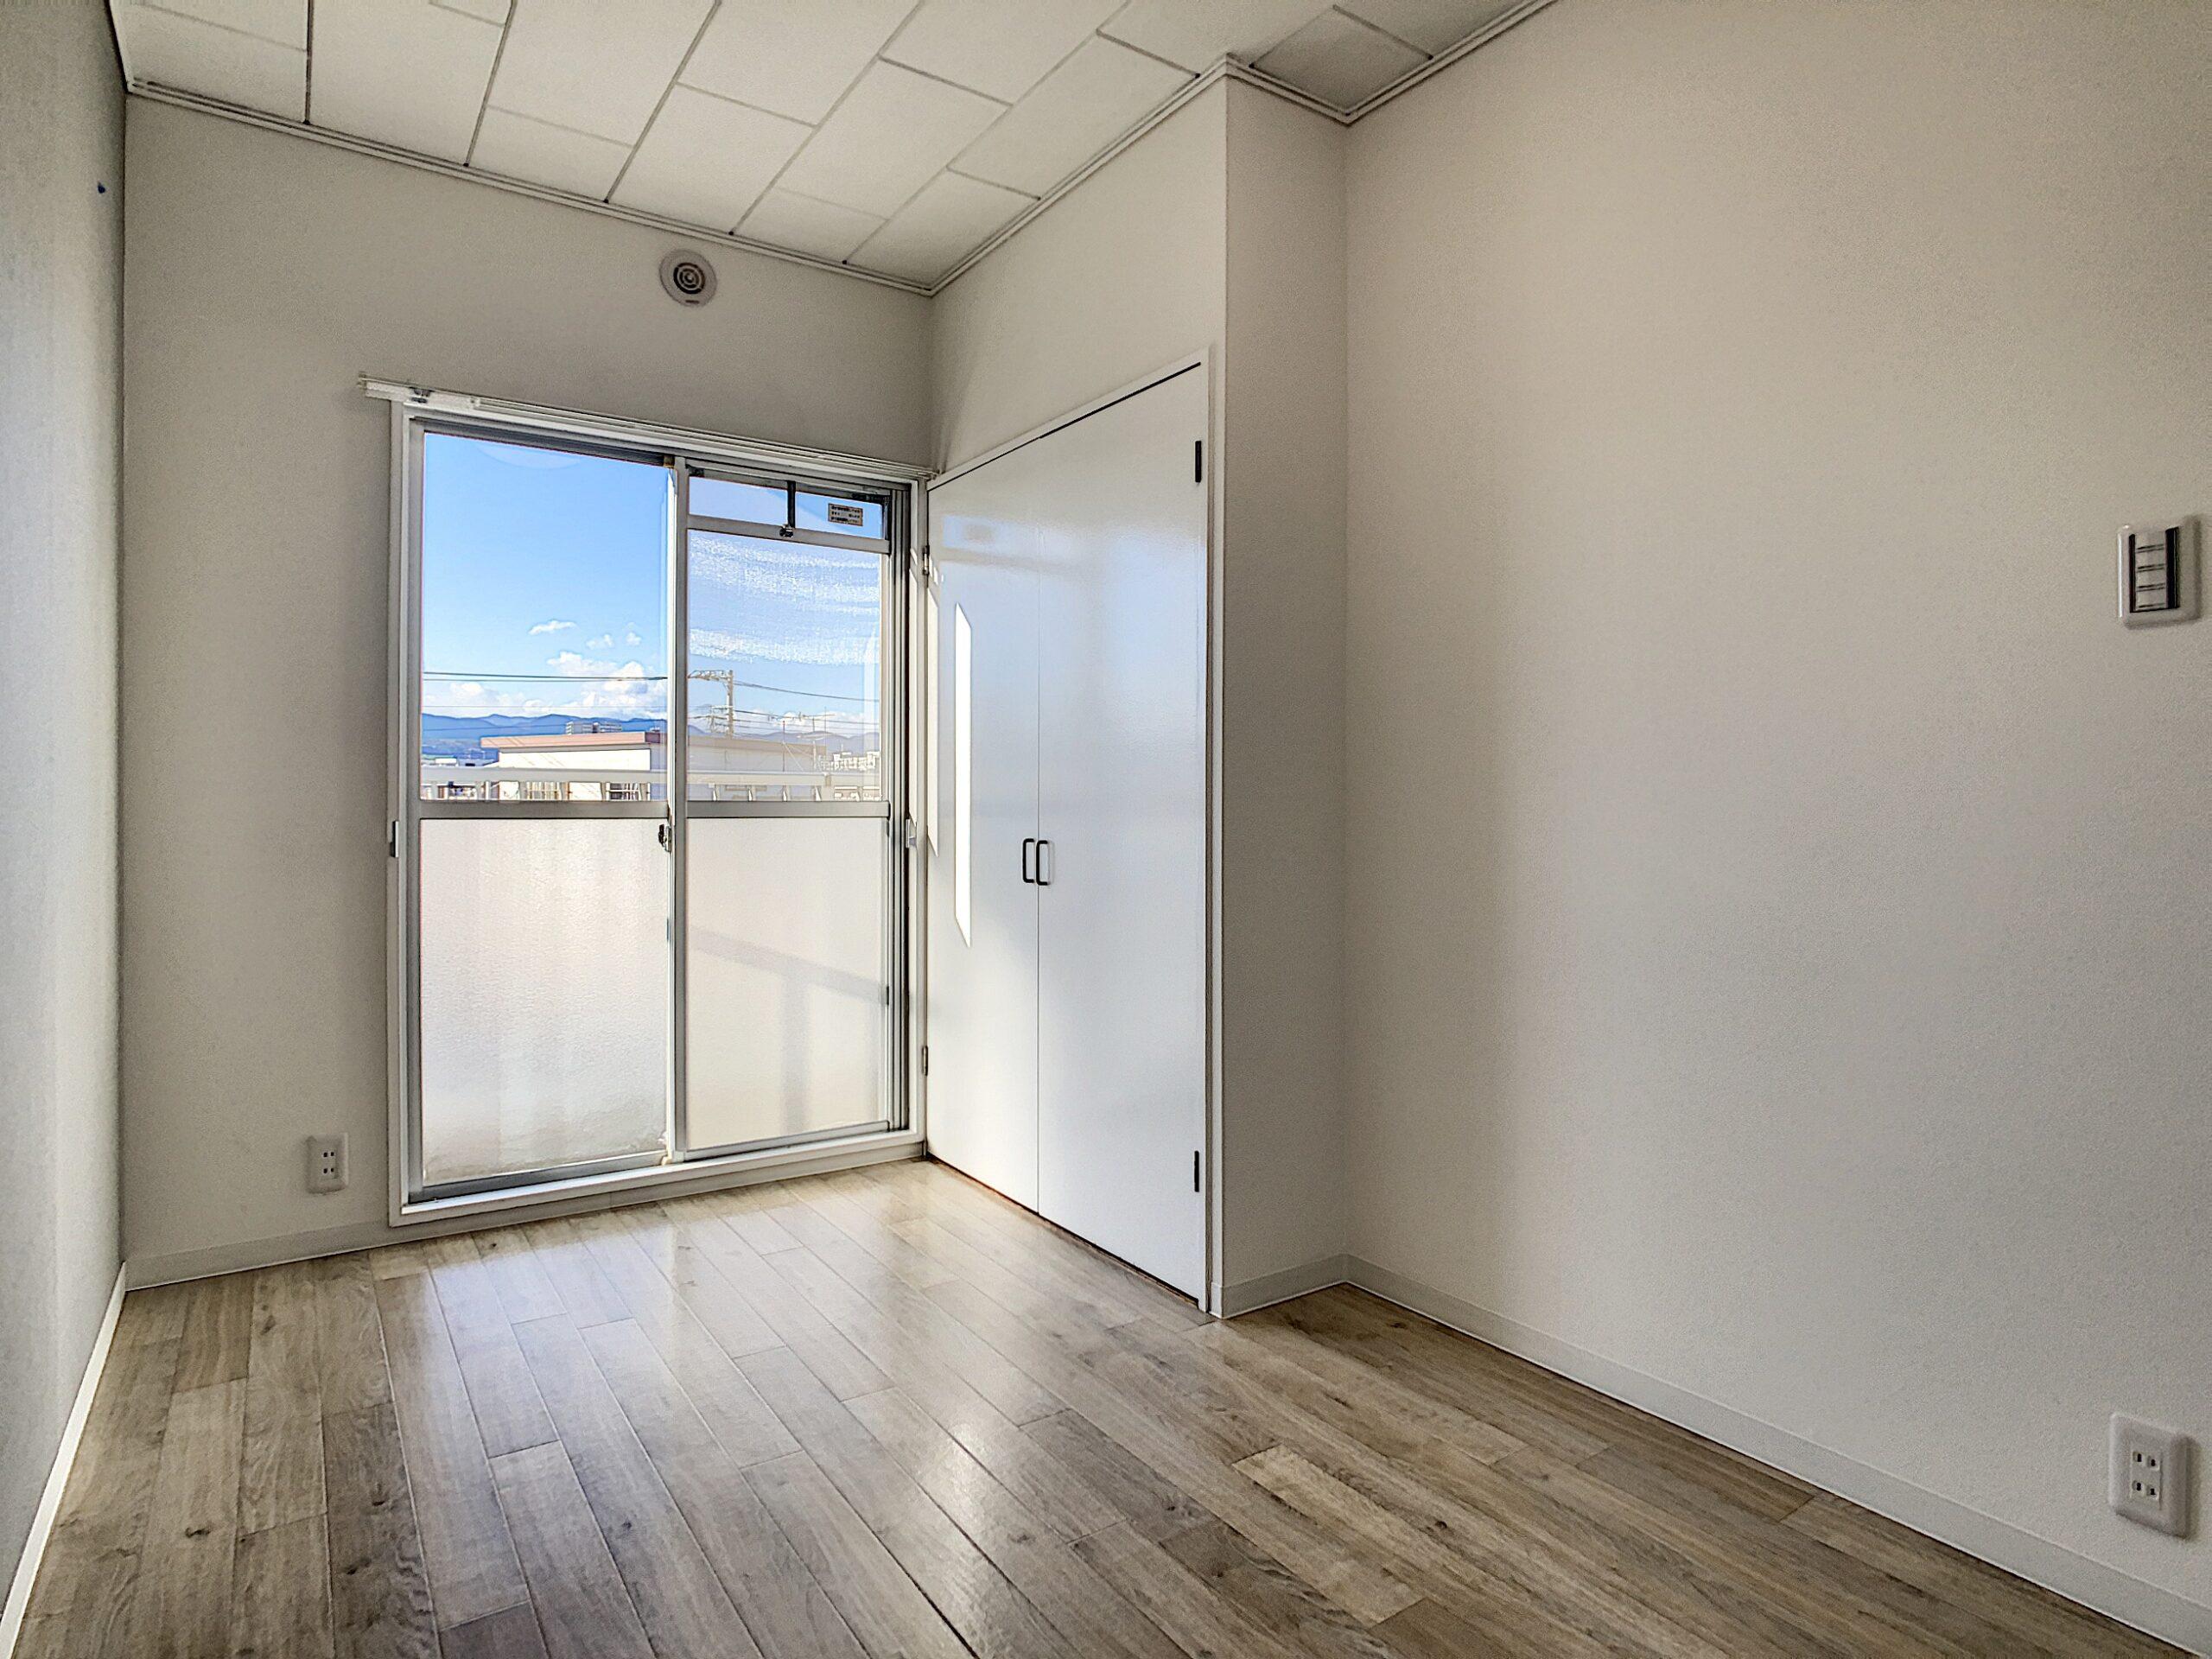 北洋室 寝室にぴったりな広さですが、クローゼット変わりにつかってもいいですね!